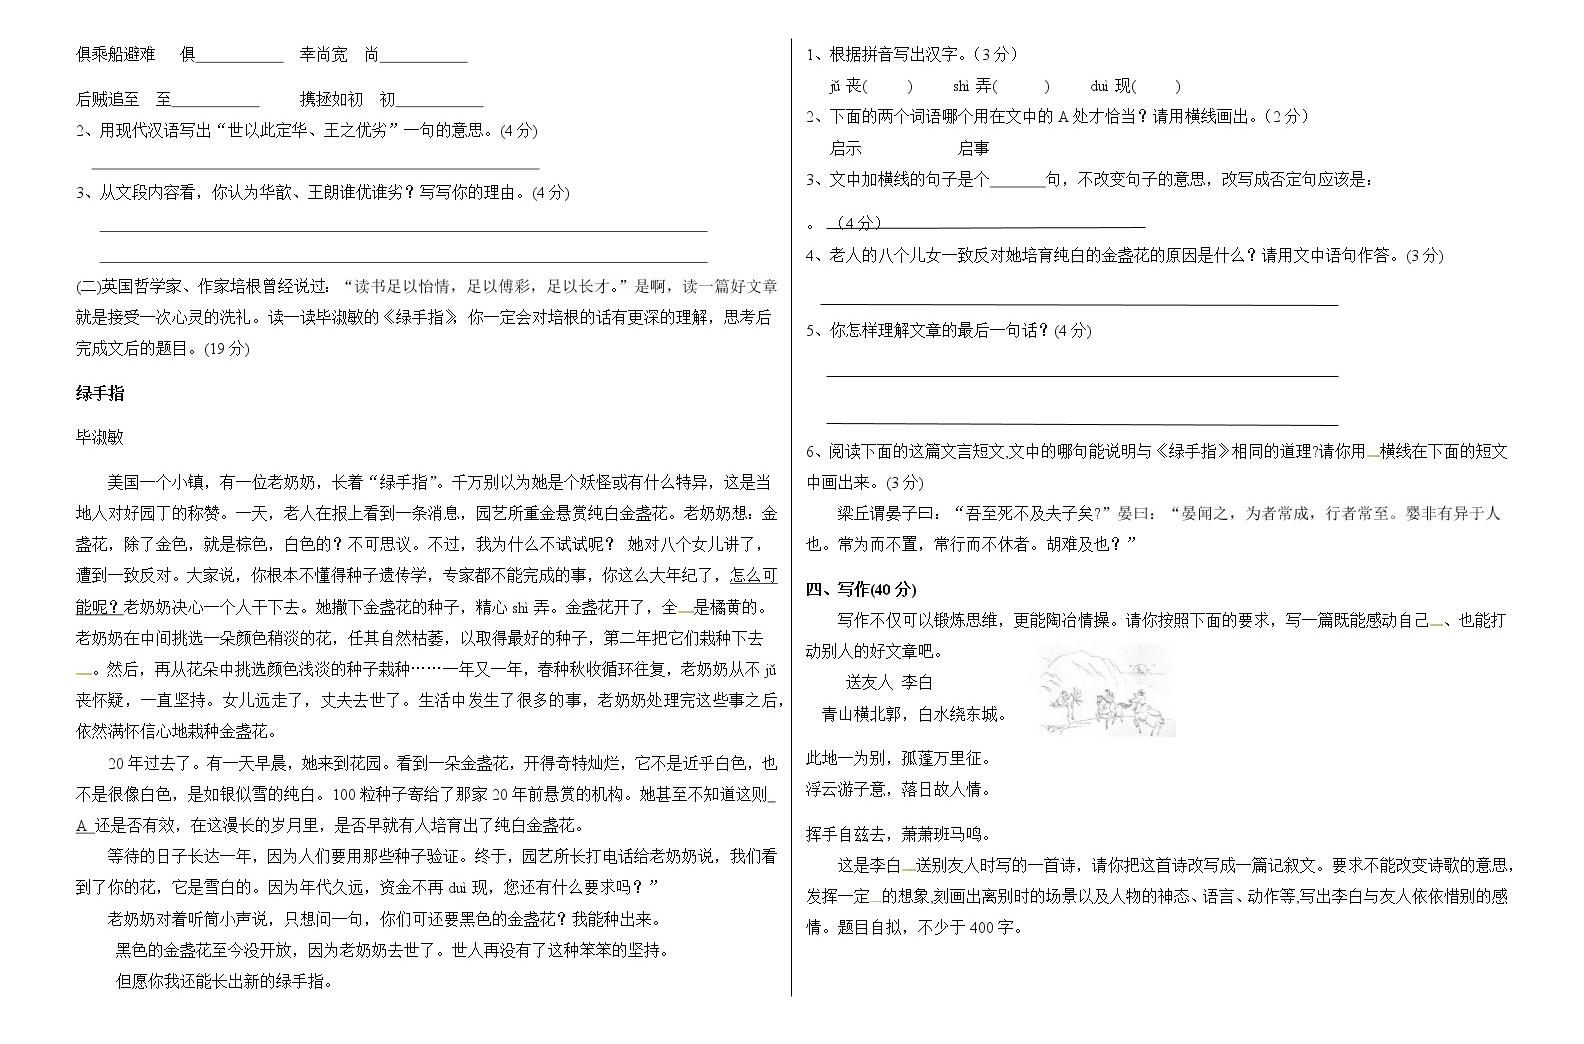 2019-2020学年六年级语文小升初模拟试卷(九)(有答案)02